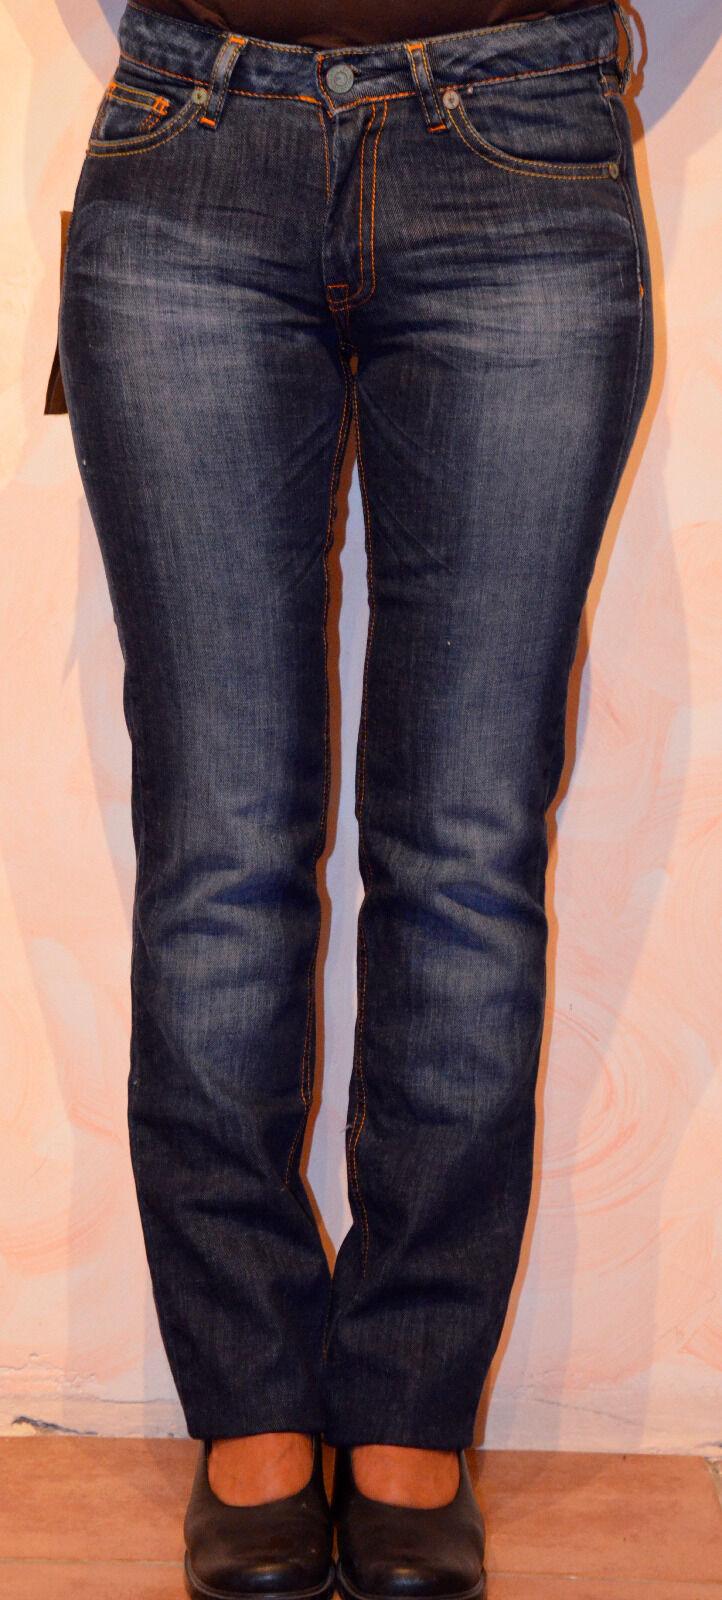 Jeans woman le TEMPS DES CERISES model BASIC 302 Size W24 (34)   NEW